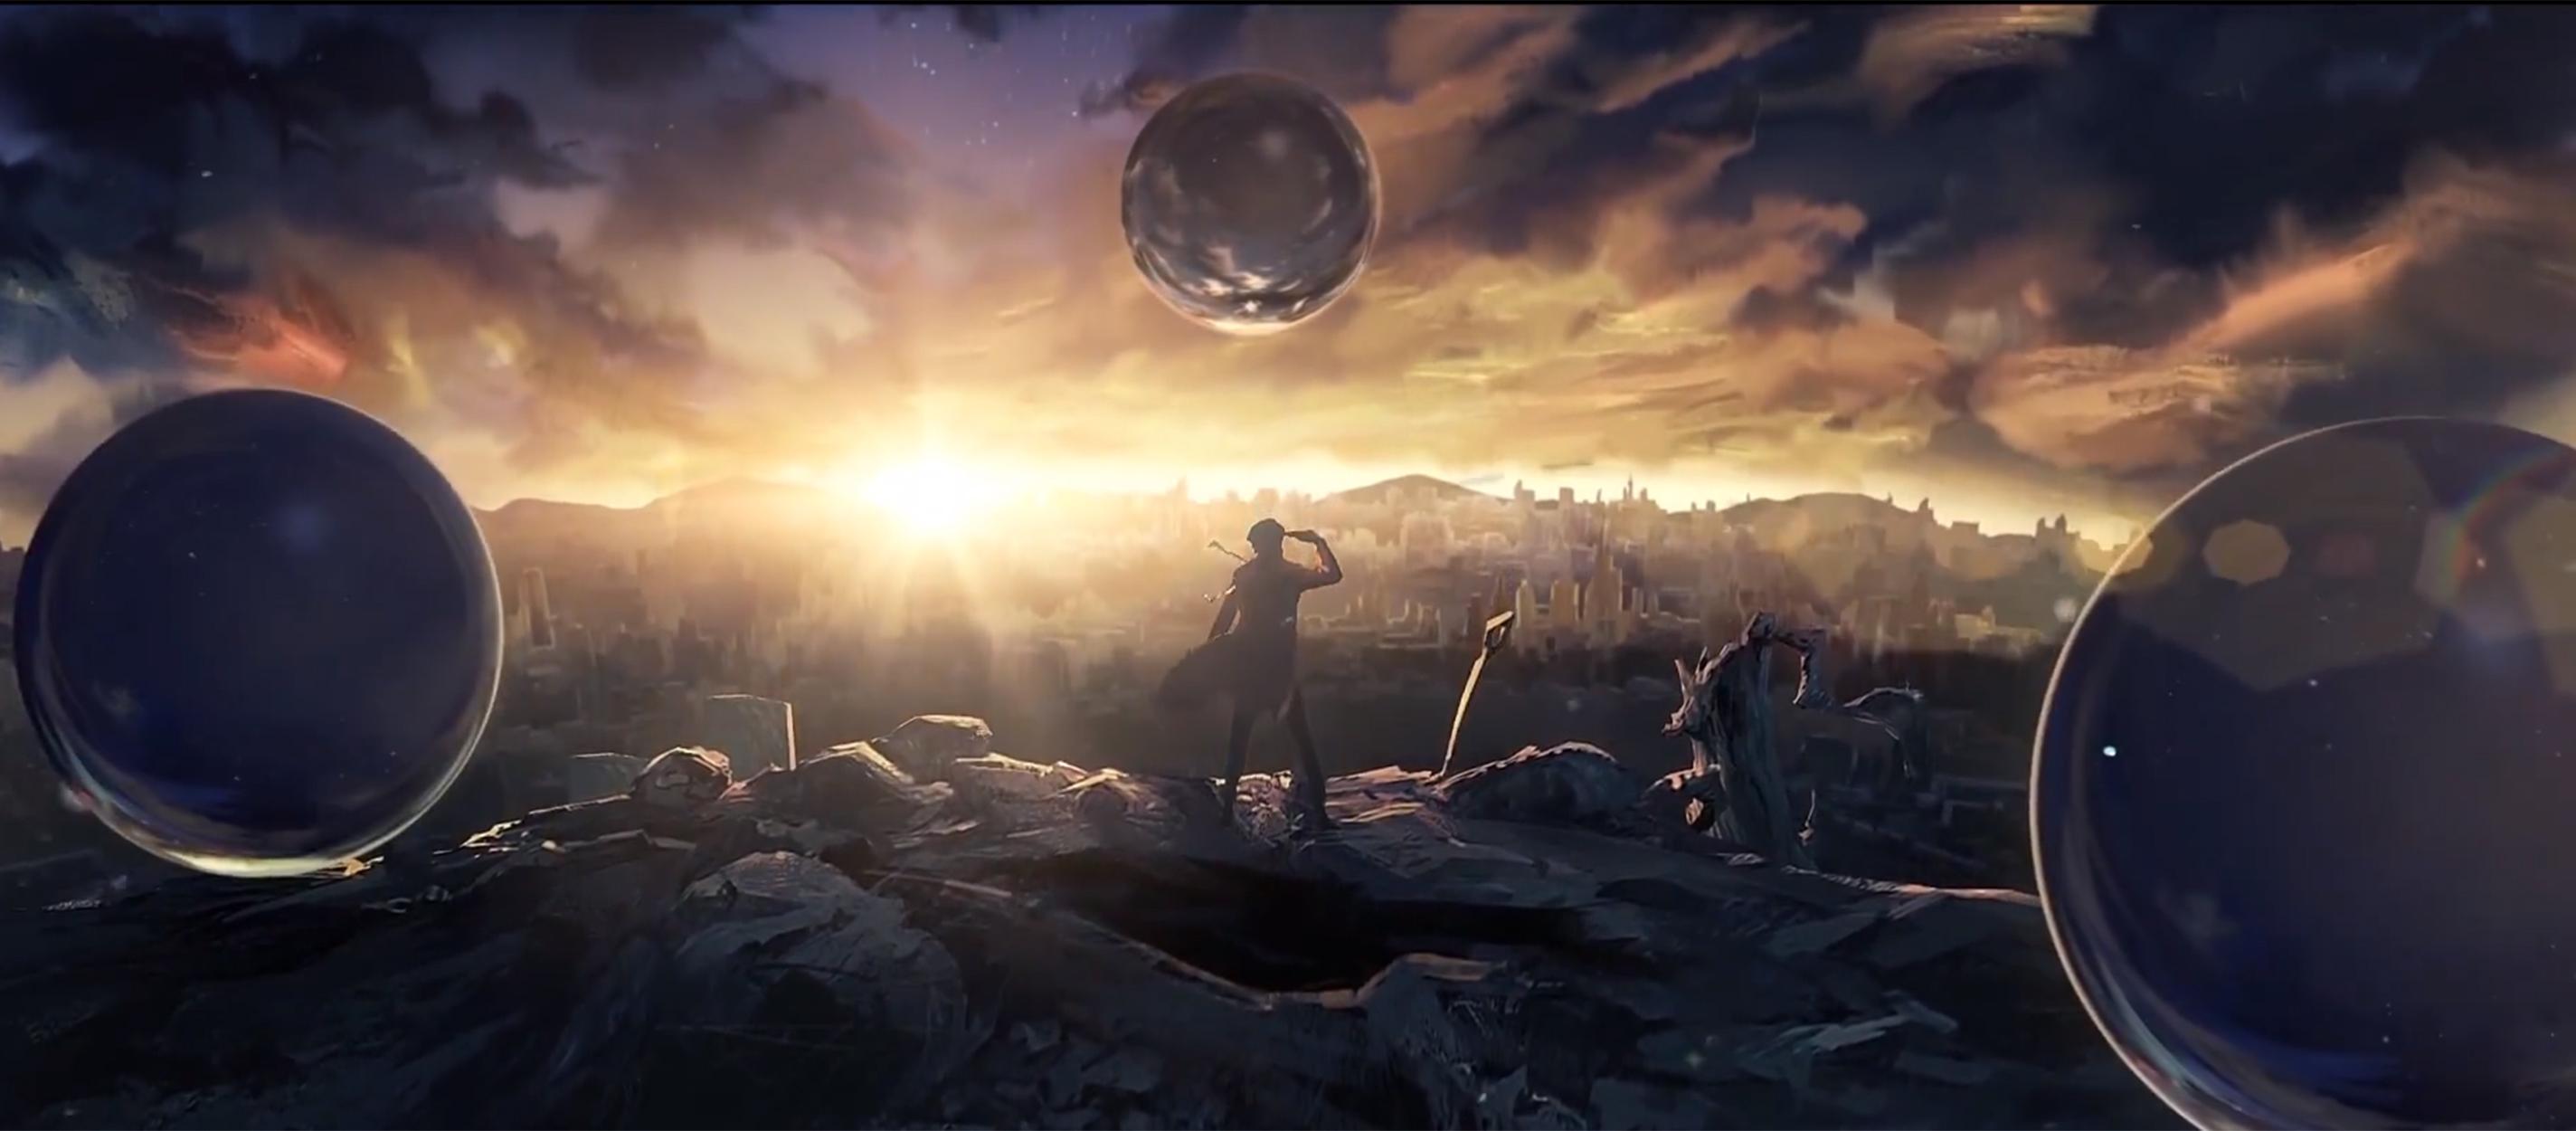 三体宇宙首秀 动画发布概念预告片 多个项目进行中